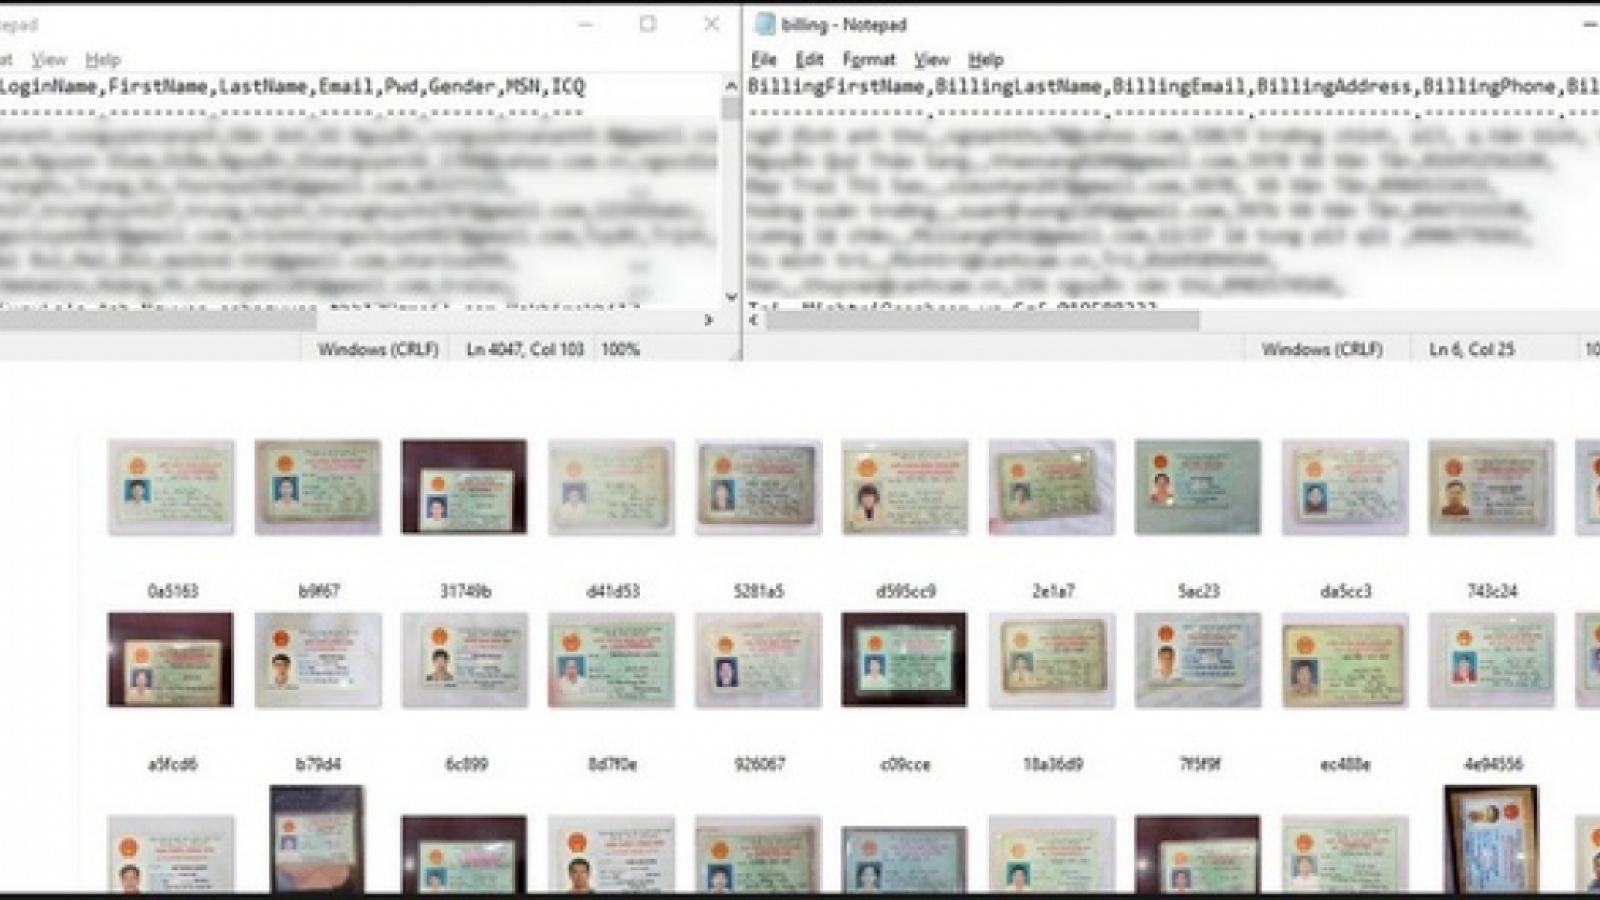 Nóng 24h: Bộ Công an nói gì về vụ hàng ngàn chứng minh thư bị rao bán trên mạng